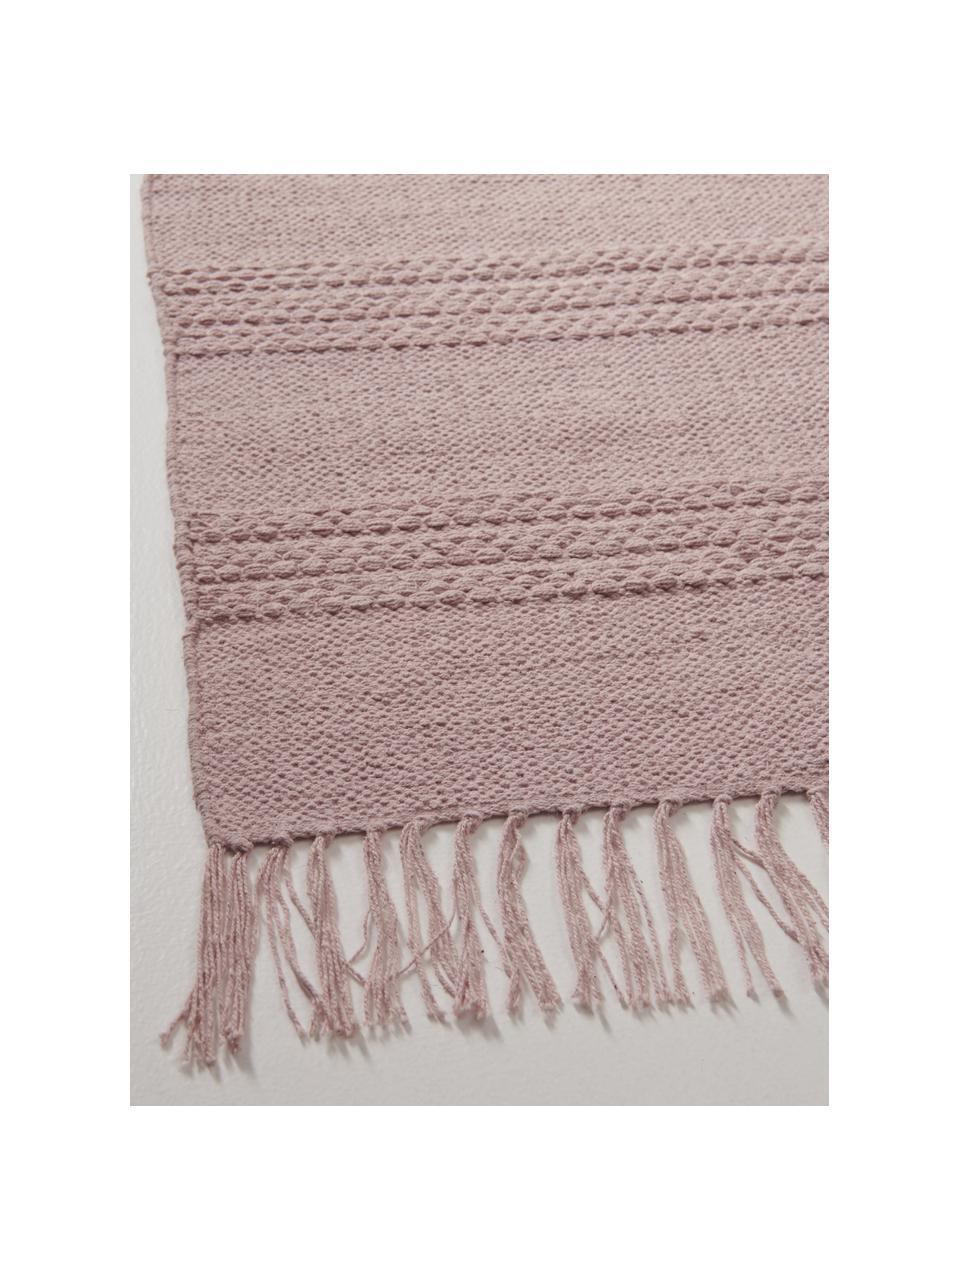 Tappeto in cotone a righe tono su tono con frange Tanya, 100% cotone, Rosa, Larg. 200 x Lung. 300 cm (taglia L)